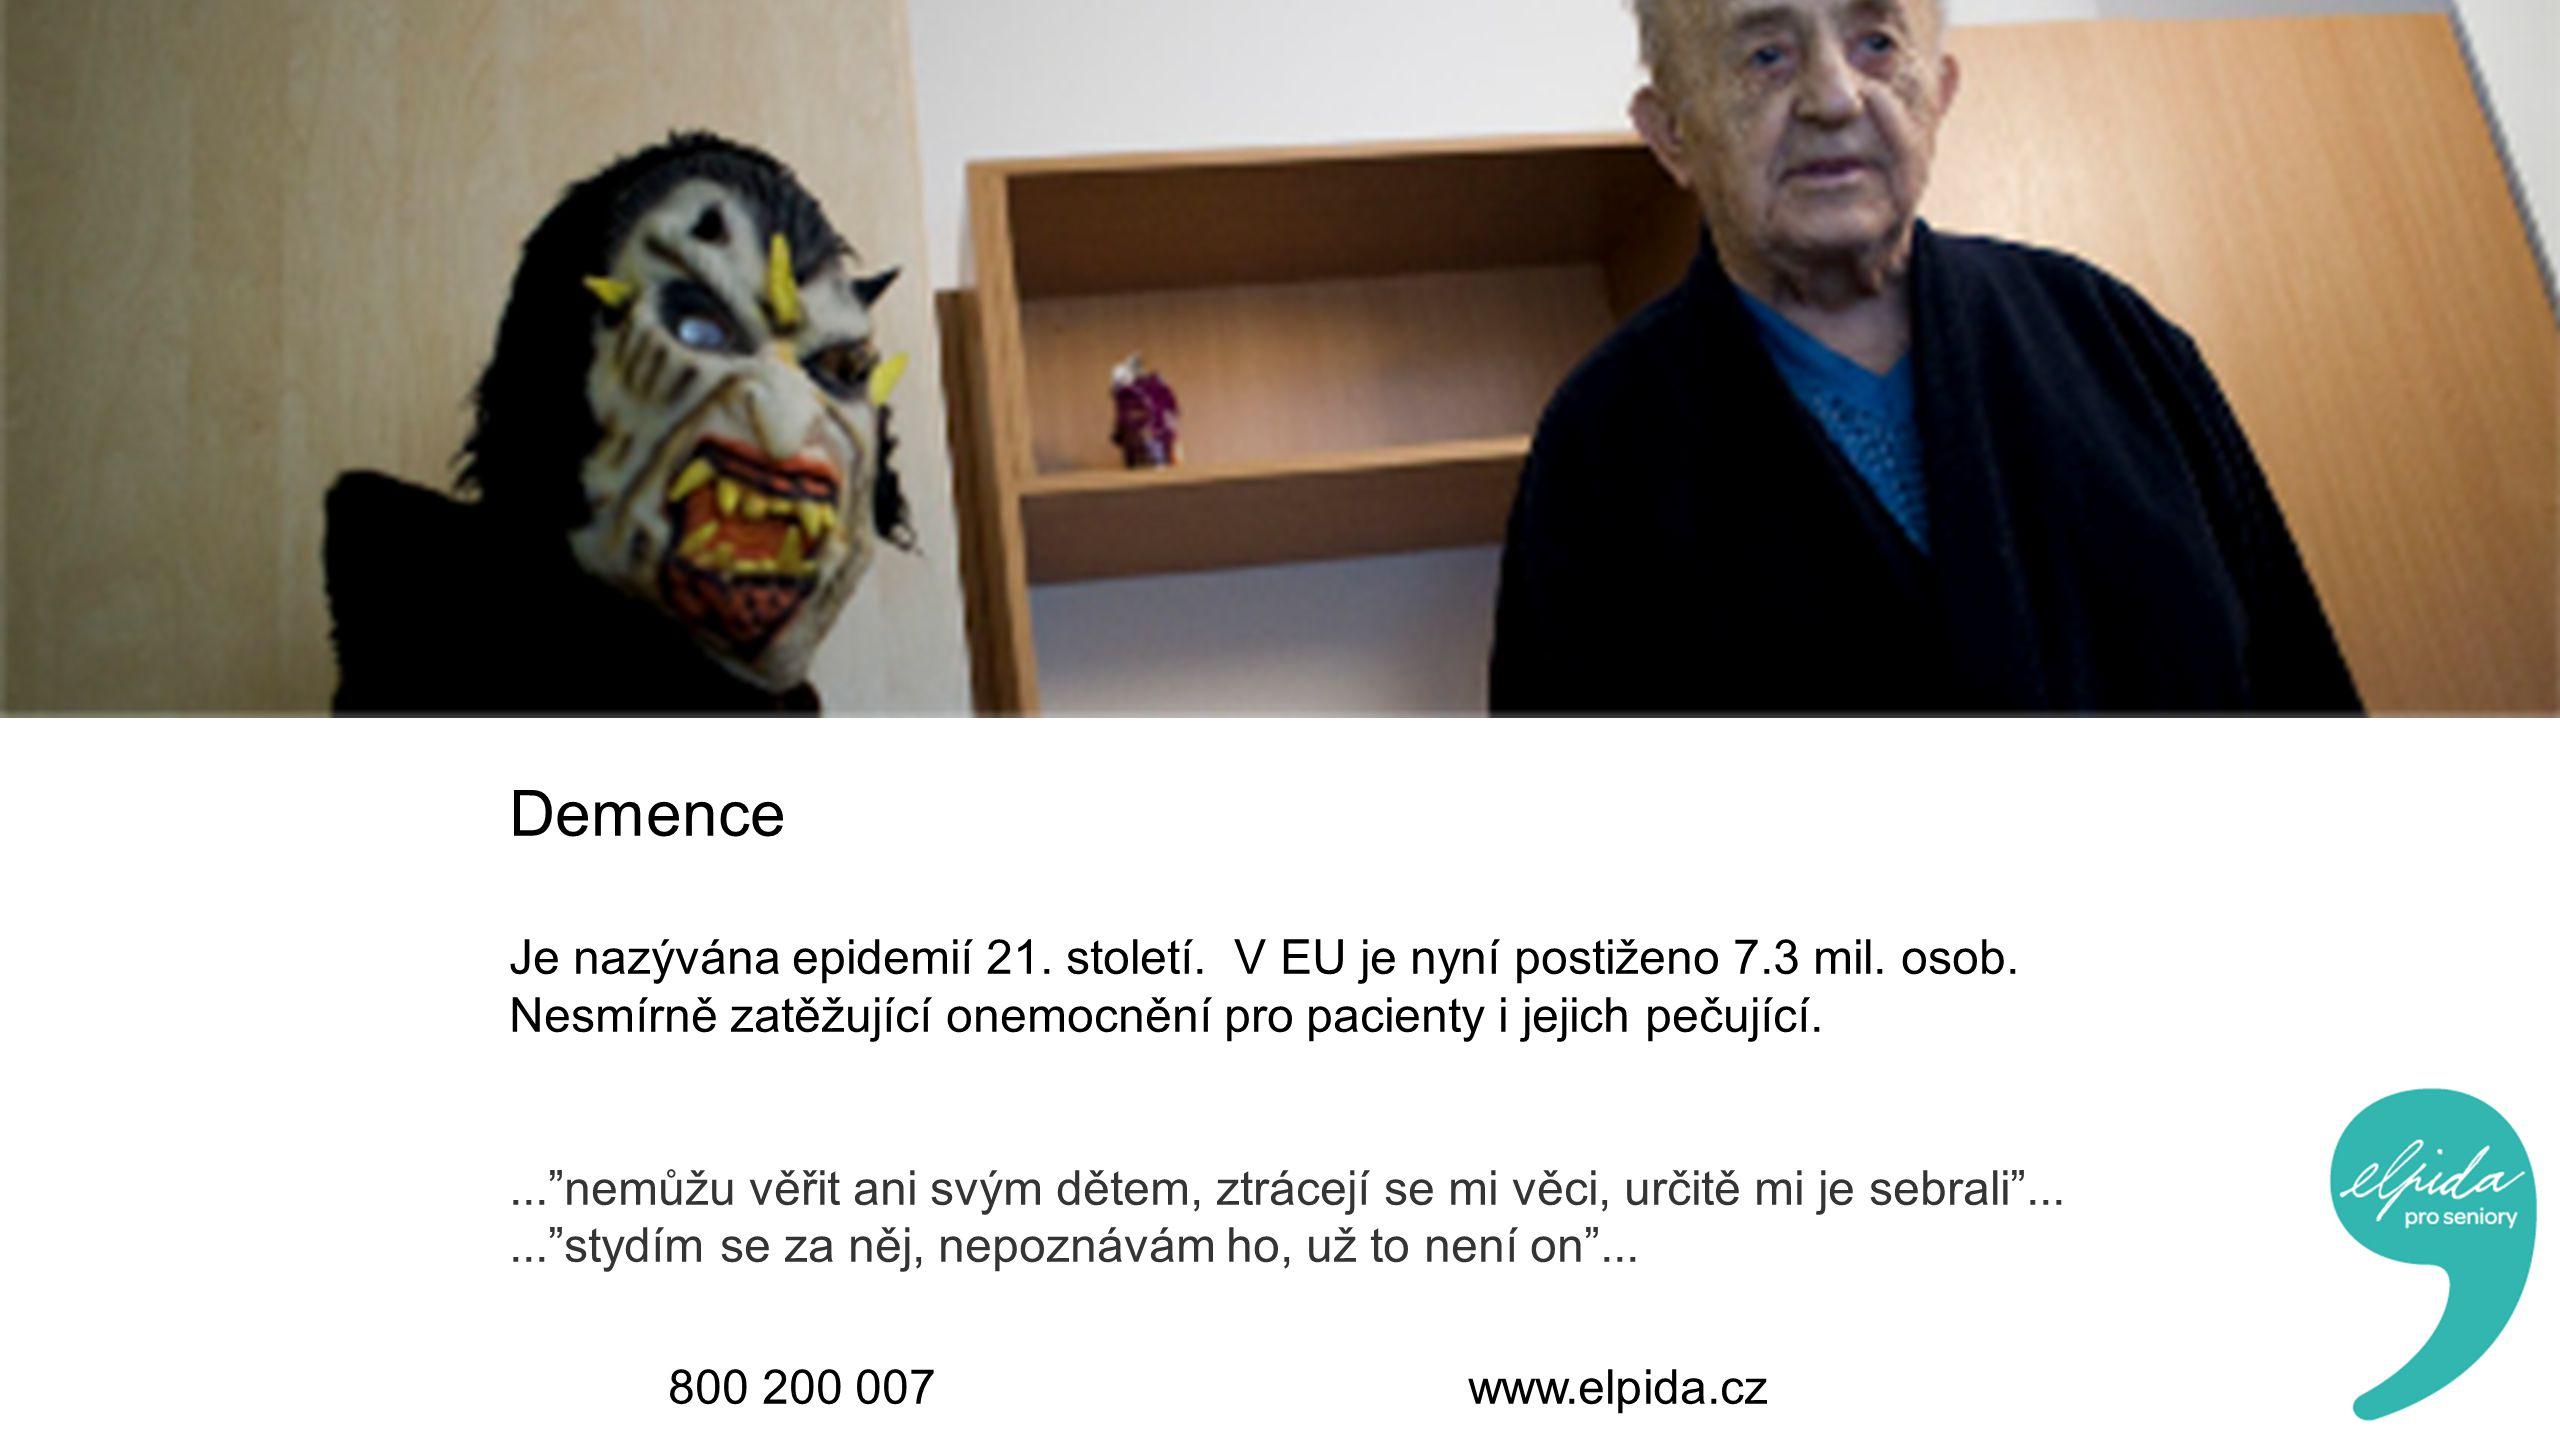 Demence Je nazývána epidemií 21. století. V EU je nyní postiženo 7.3 mil. osob. Nesmírně zatěžující onemocnění pro pacienty i jejich pečující.